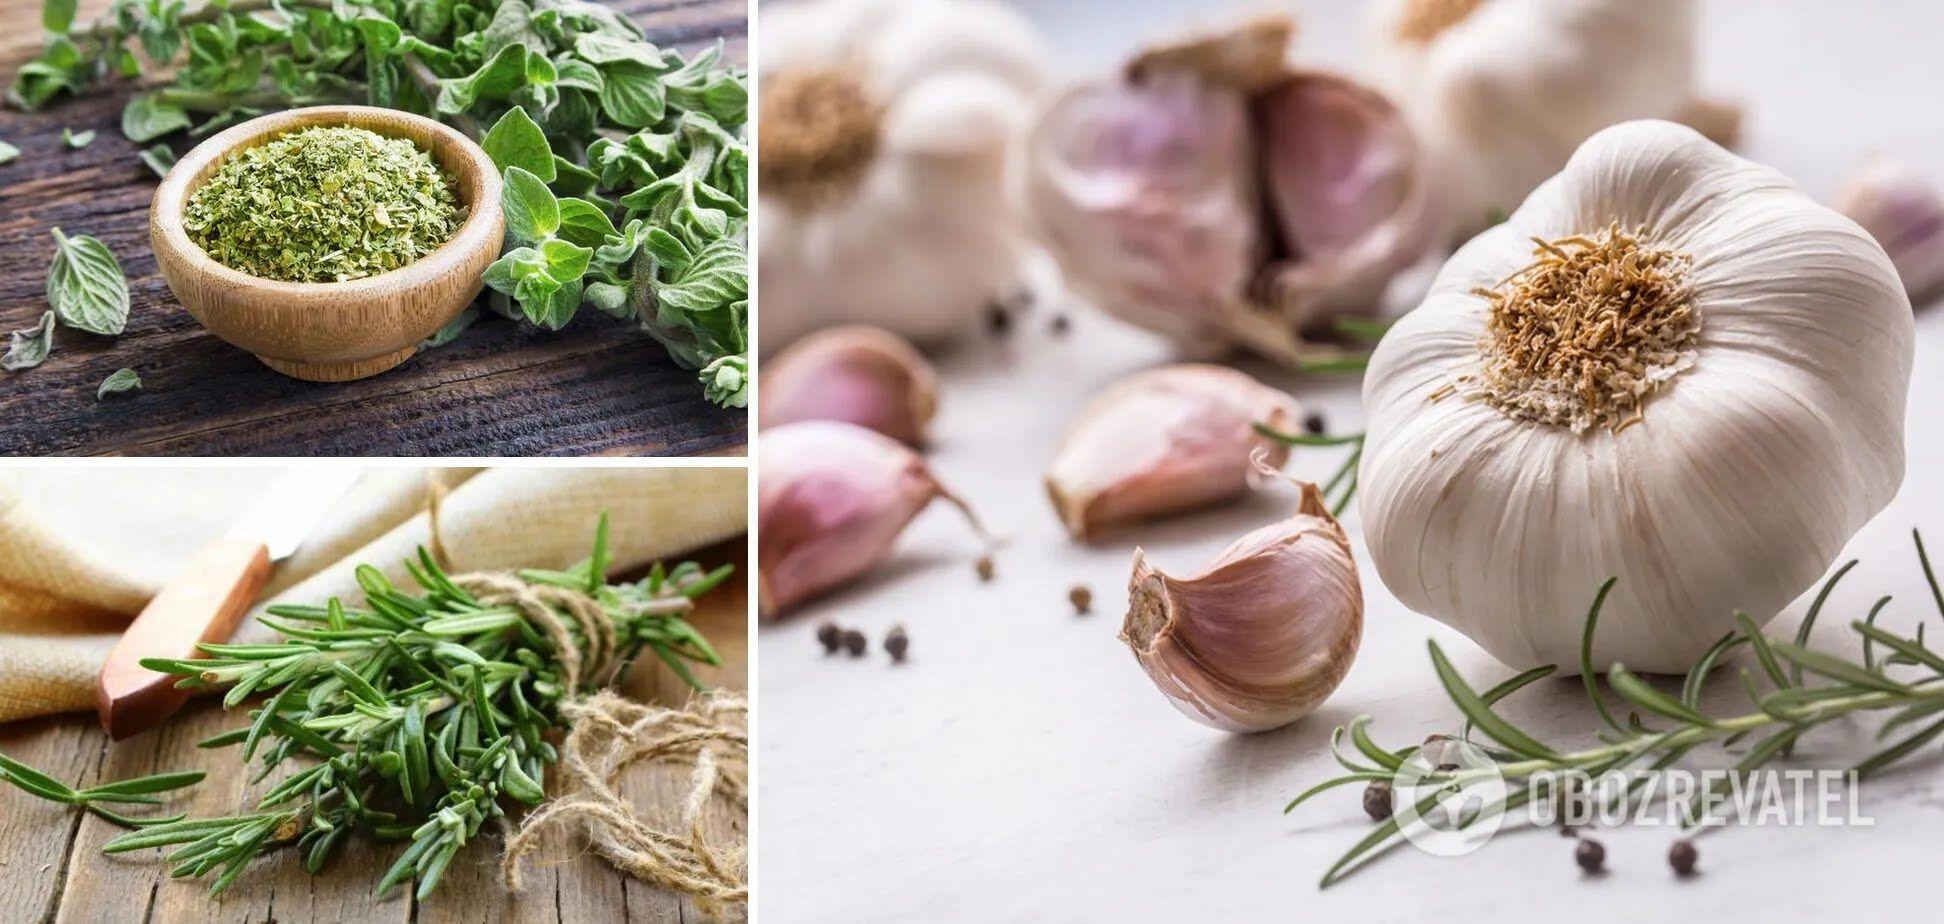 Розмарин, часник та сухий орегано – інгредієнти для сливової закуски